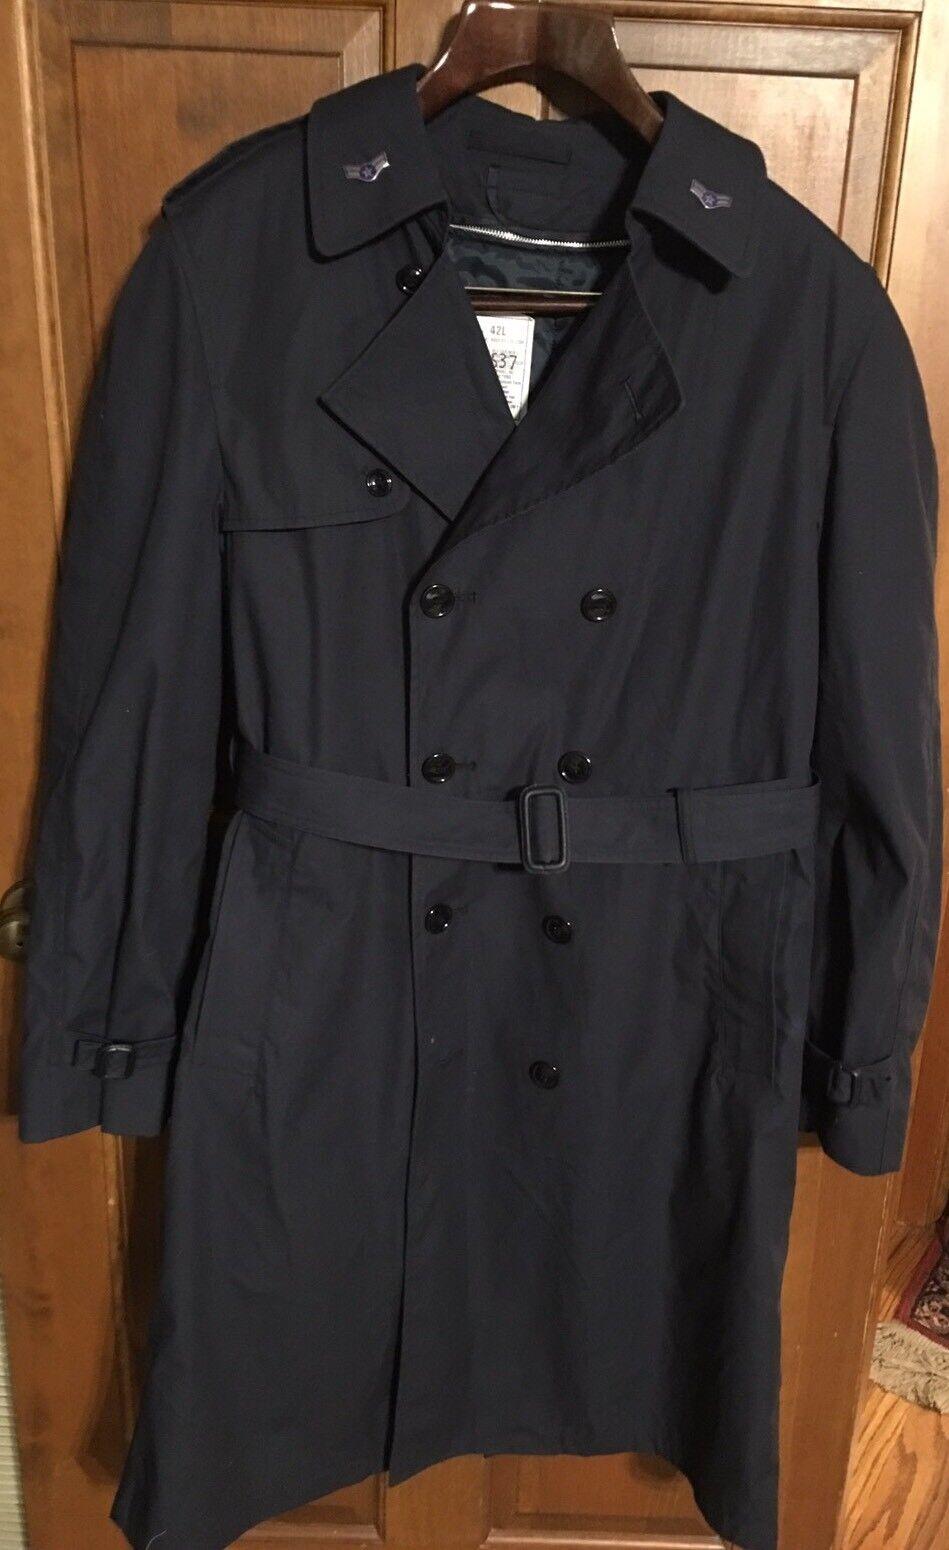 DSCP Herren Defender Collection Navy Blau All Weather W/Zip Liner Trench Coat 42L